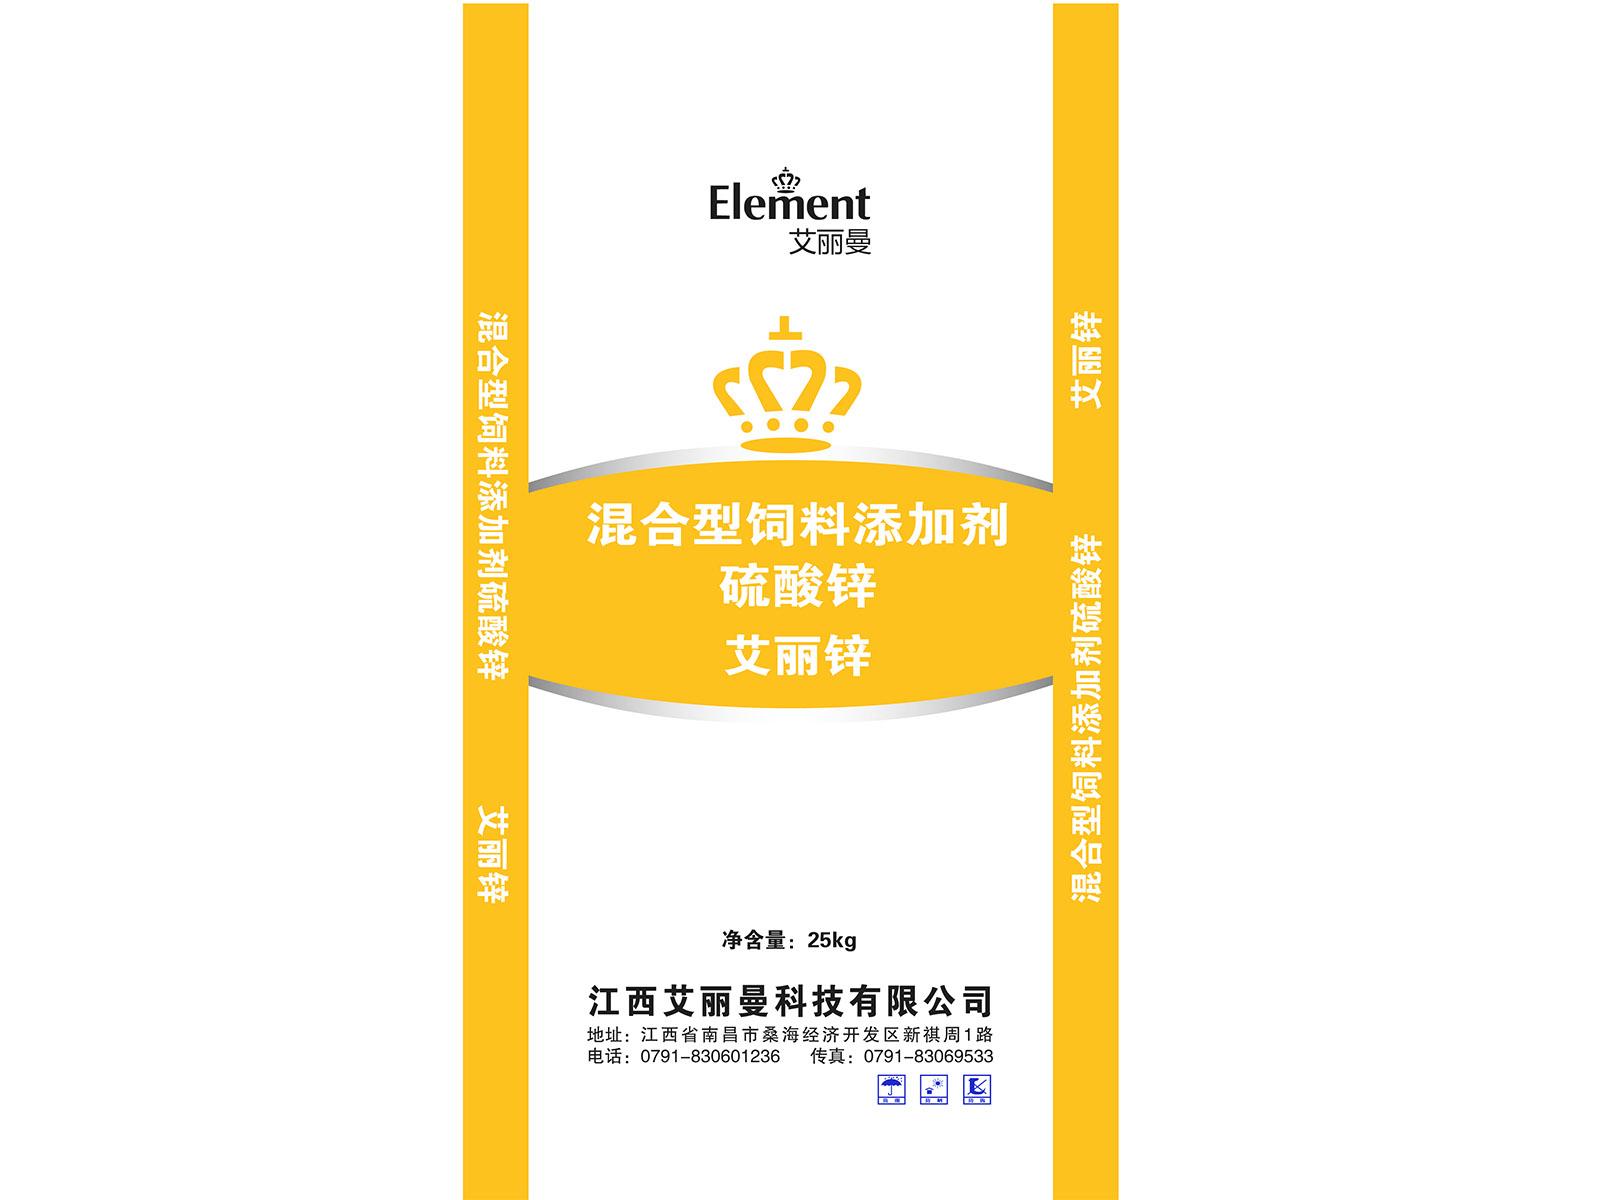 硫酸锌生产厂家_艾丽曼科技有限公司实惠的微量元素饲料添加剂出售